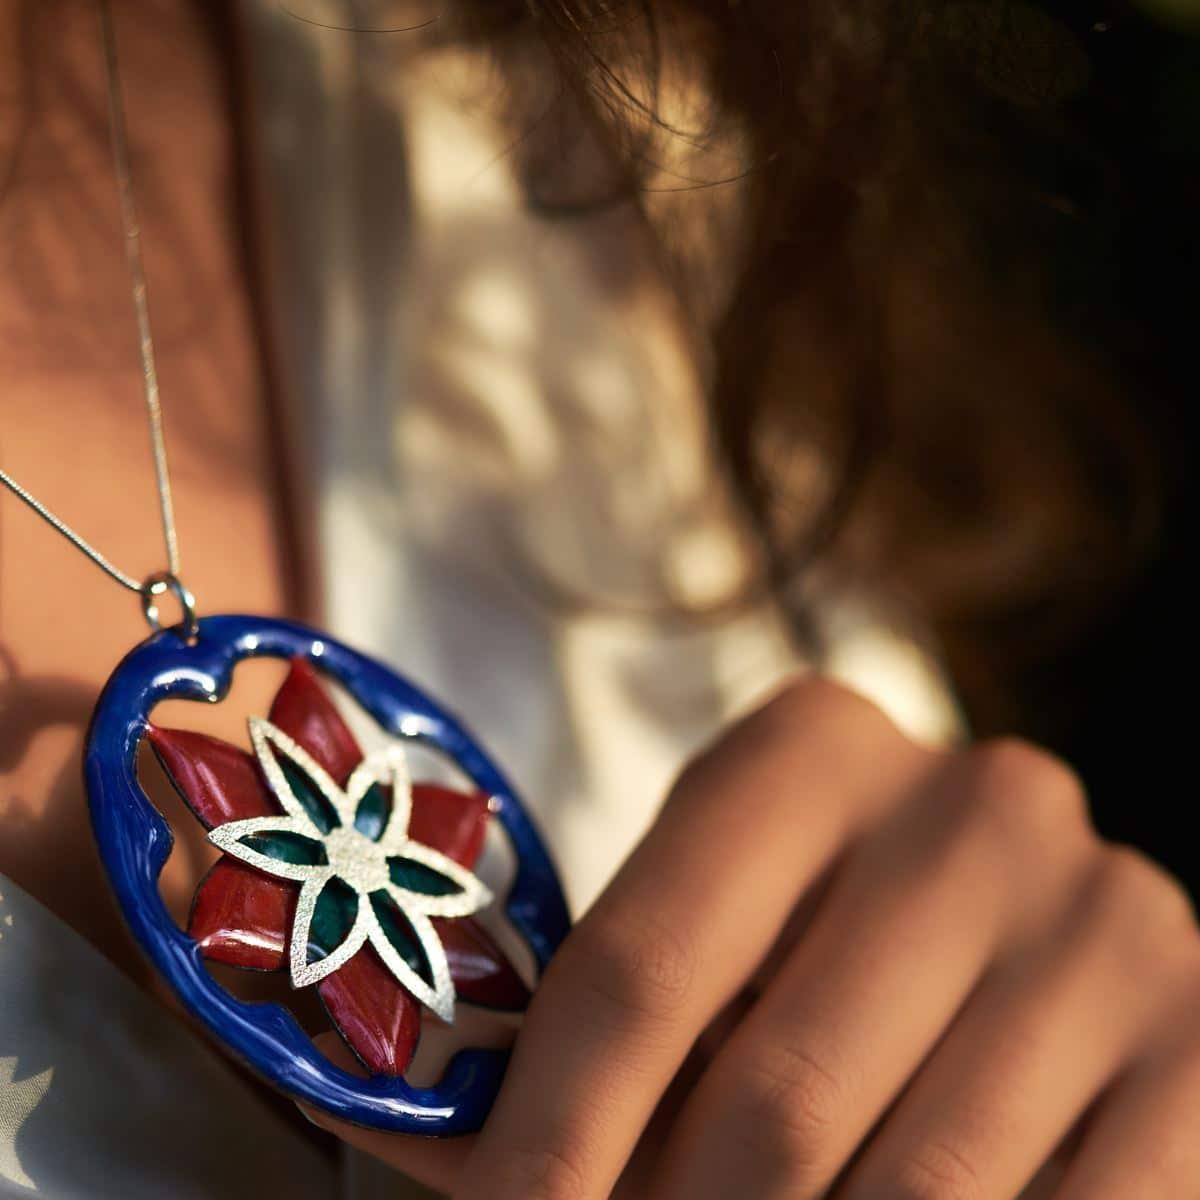 Colgante de esmalte al fuego y plata artesanal modelo Pétalos, Joyas Siliva.